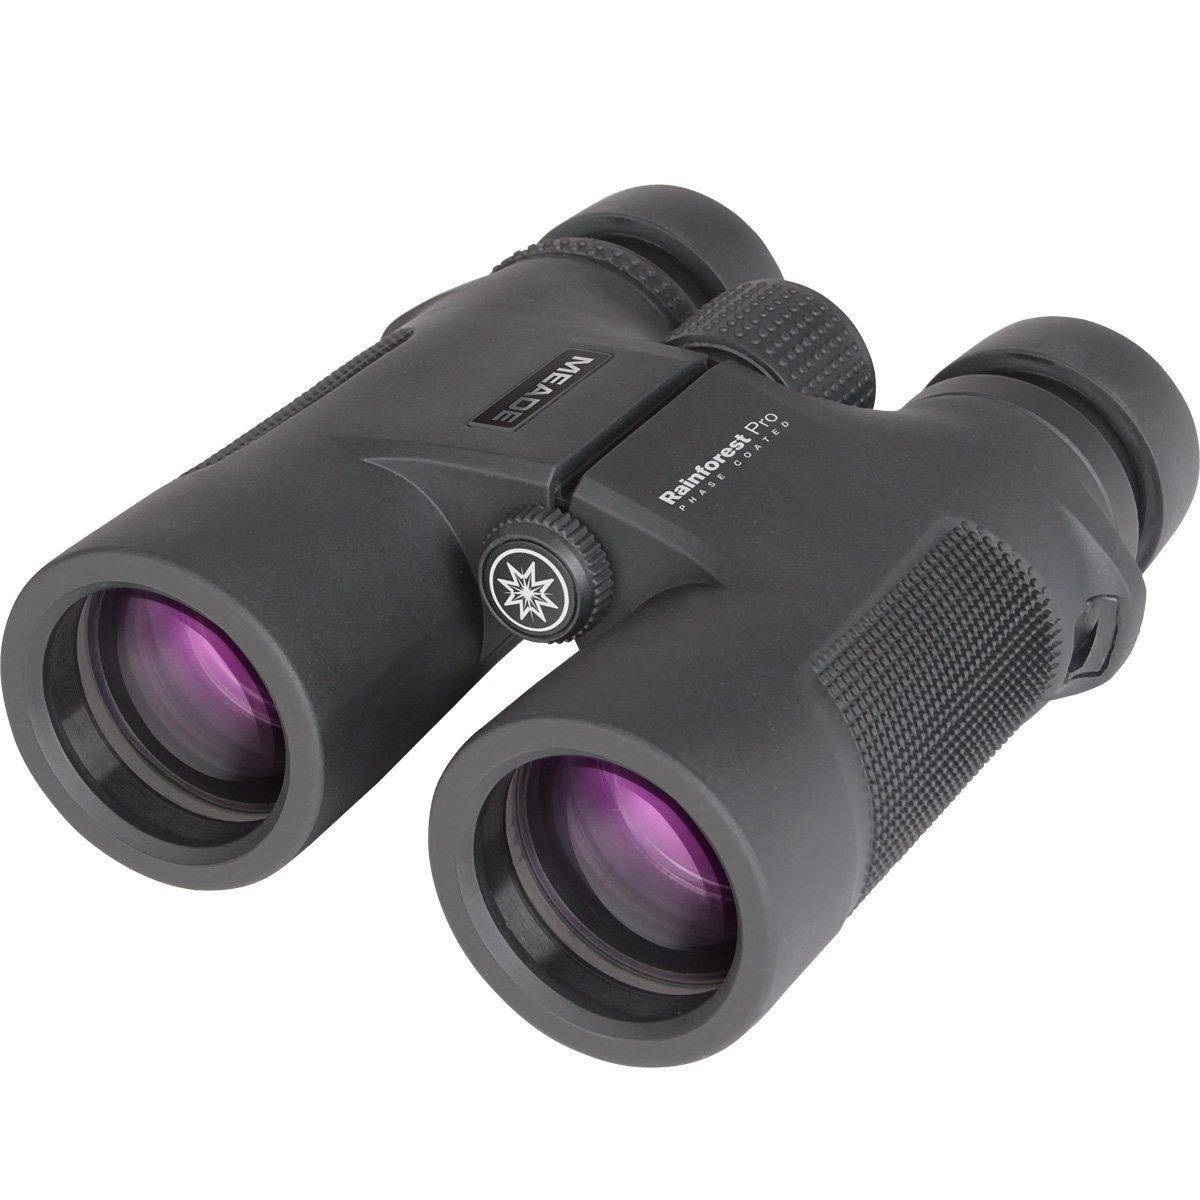 Meade Instruments 125042 Rainforest Pro Binoculars - 8x42 (Black) [並行輸入品] B01JJHDI7Q